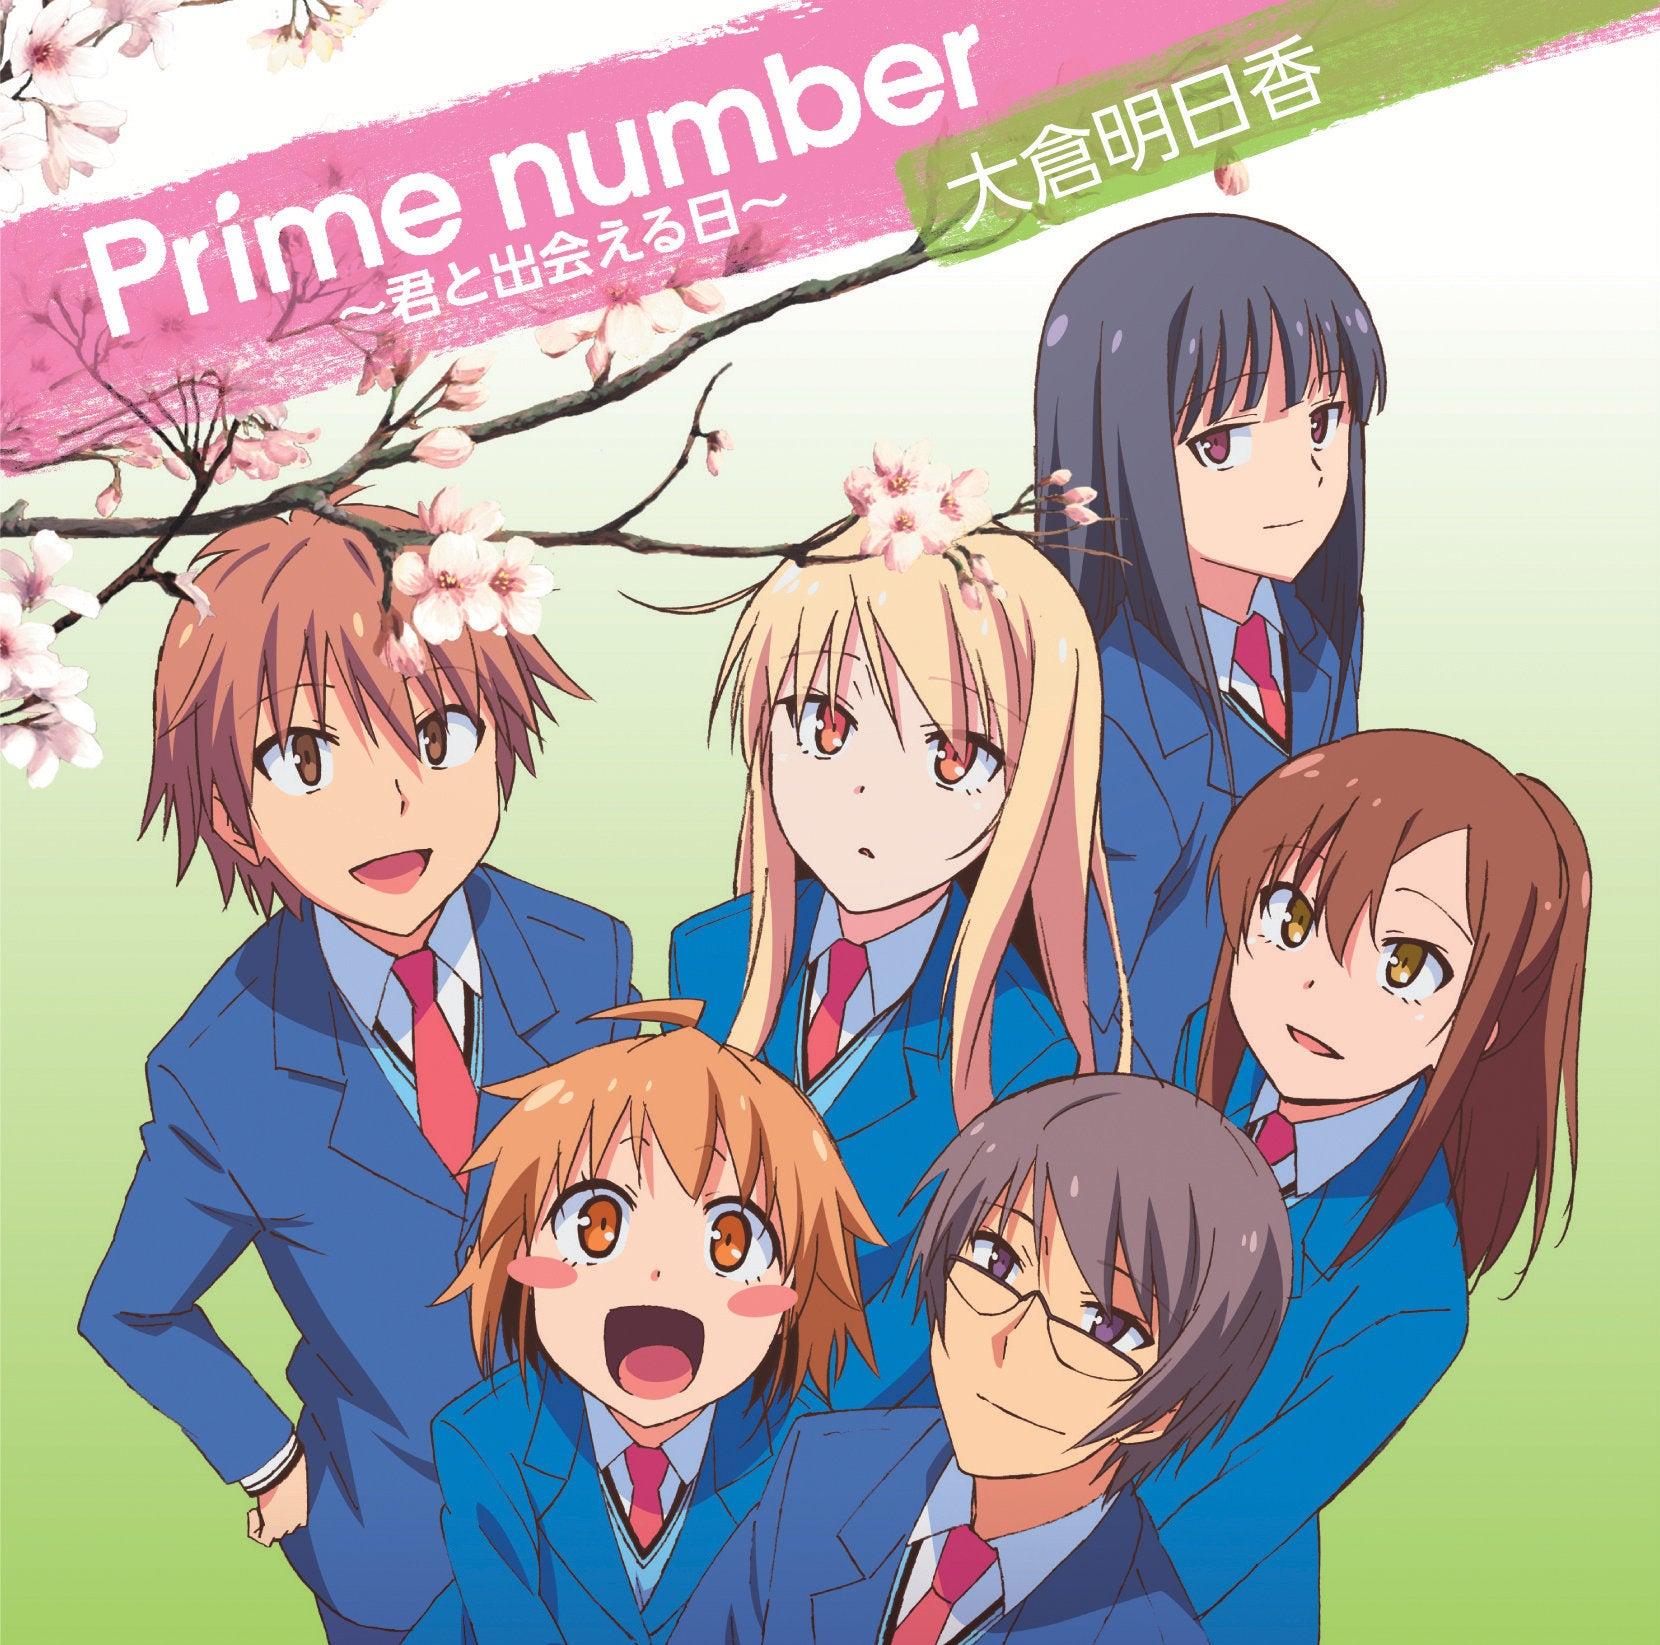 Primenumber